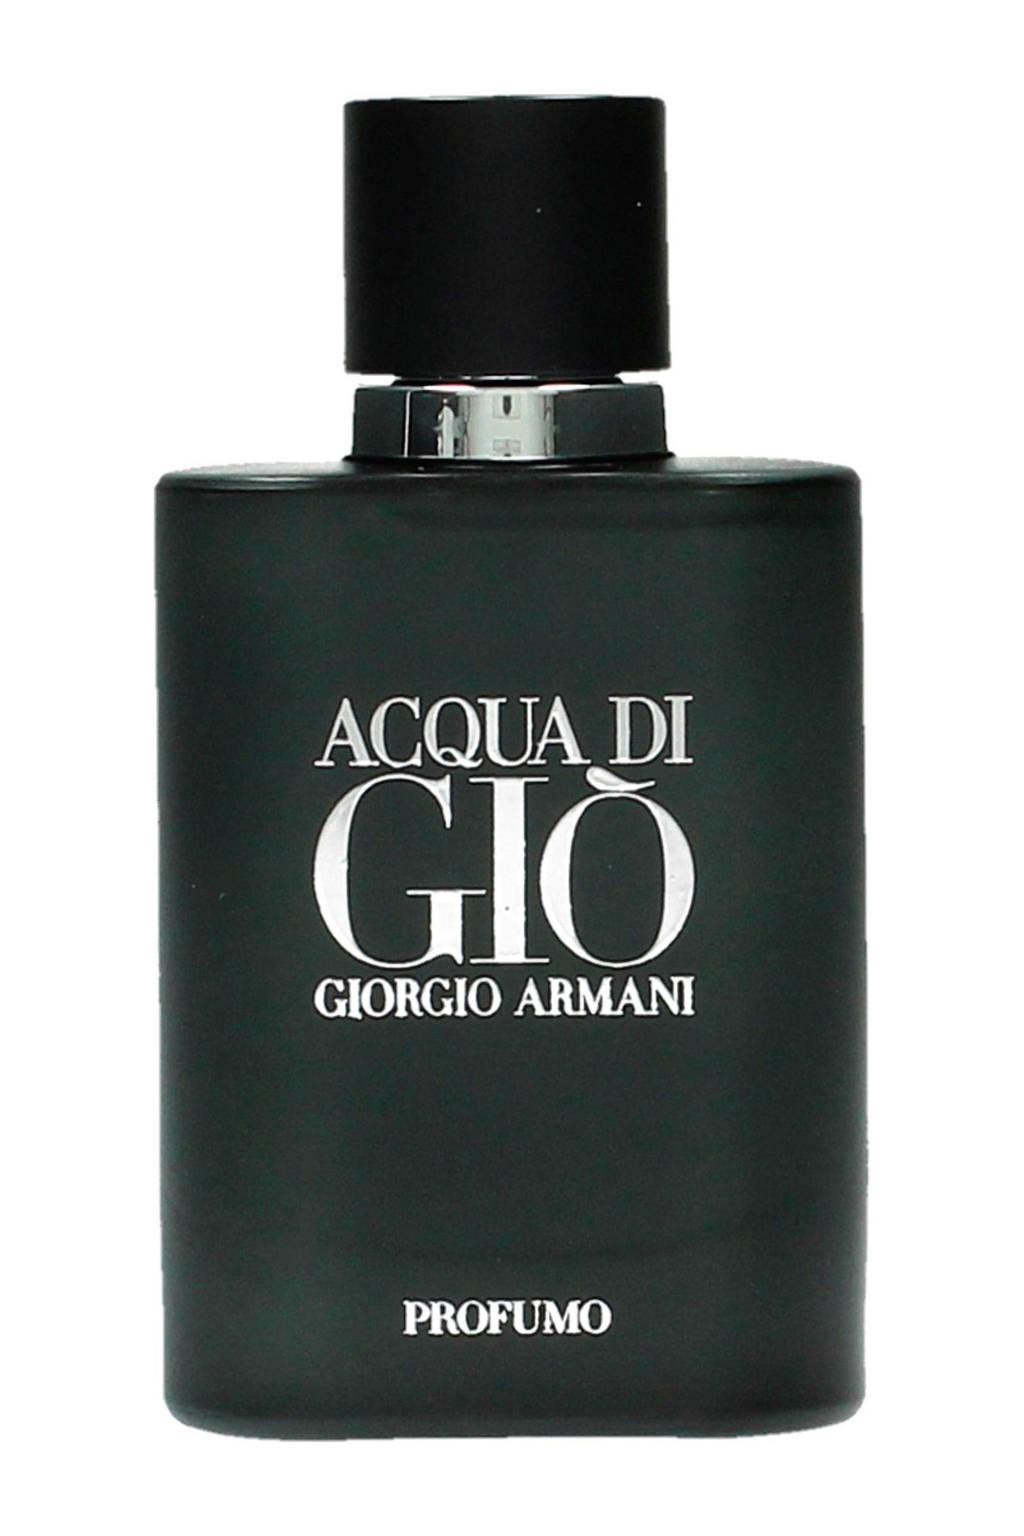 Giorgio Armani Acqua di Gio Profumo eau de toilette - 40 ml